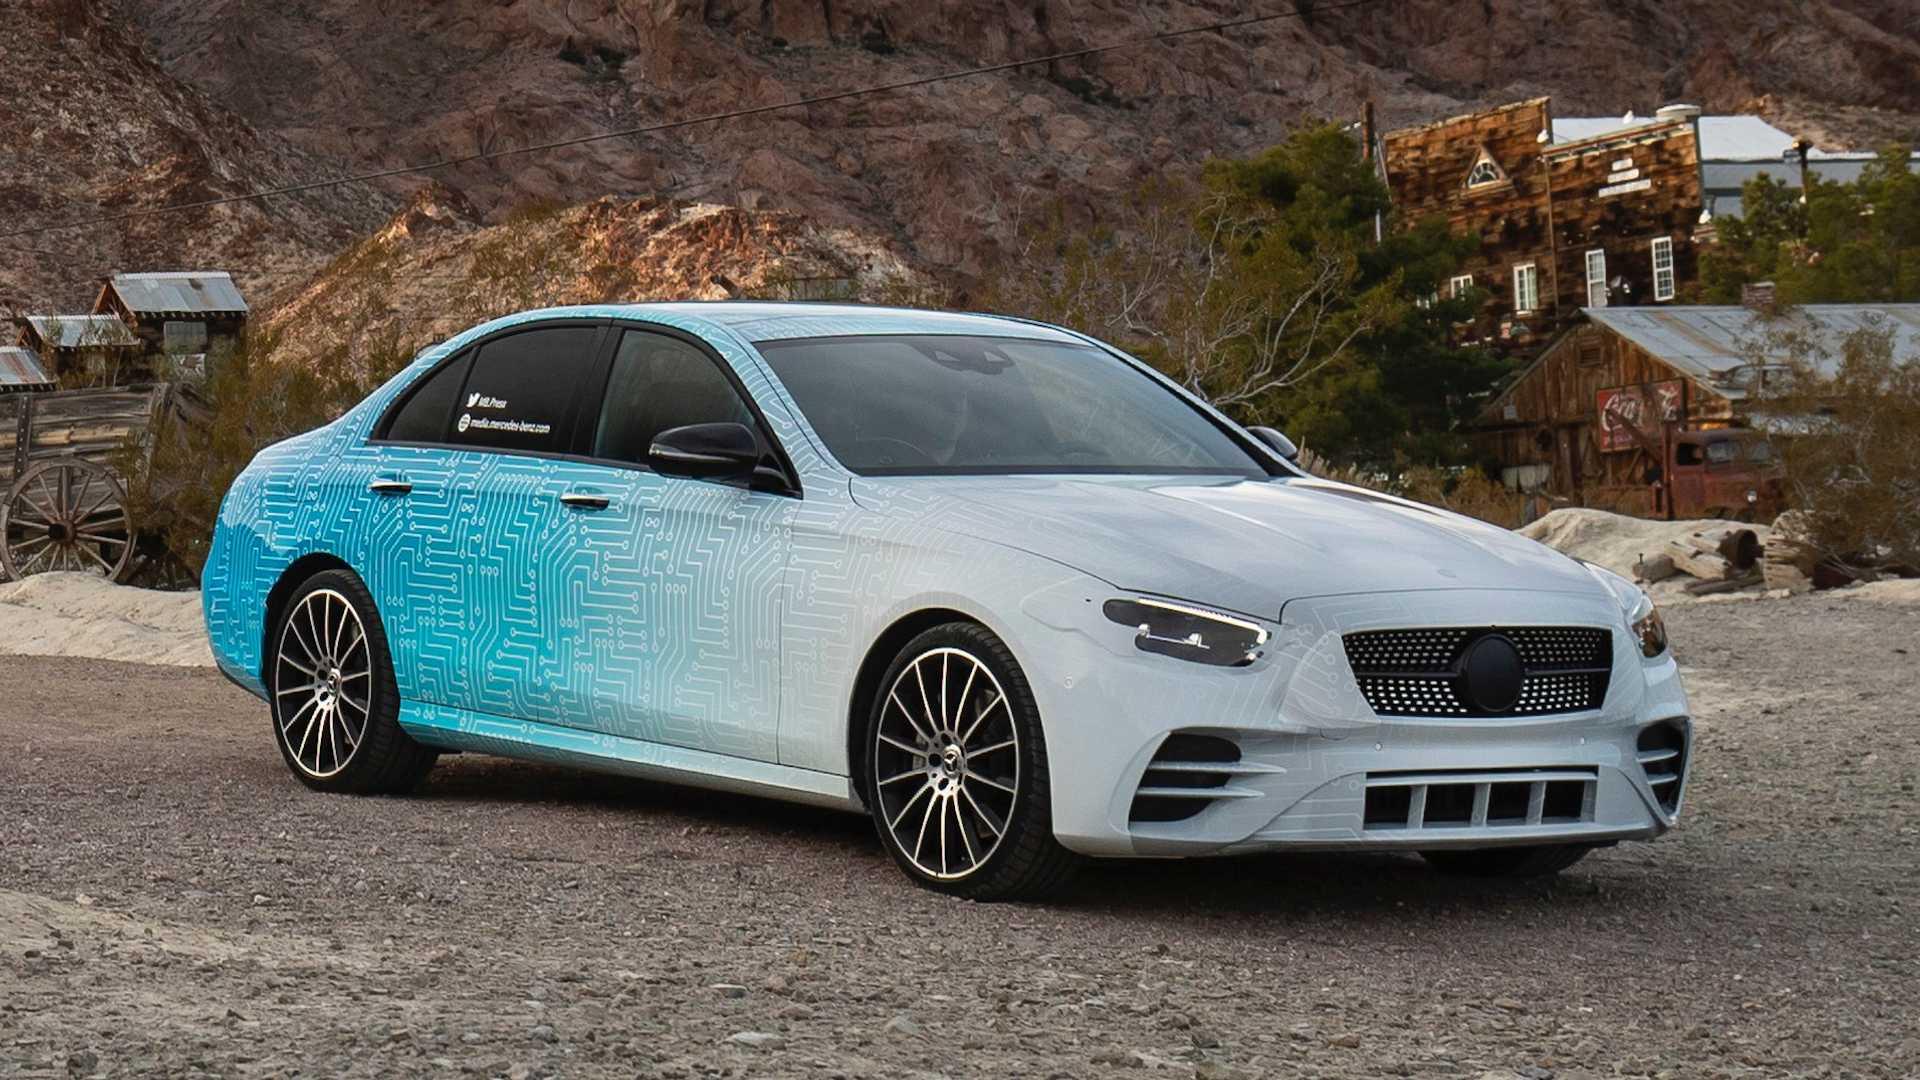 Hé lộ hình ảnh Mercedes-Benz E-Class facelift, thiết kế và động cơ mới - 08